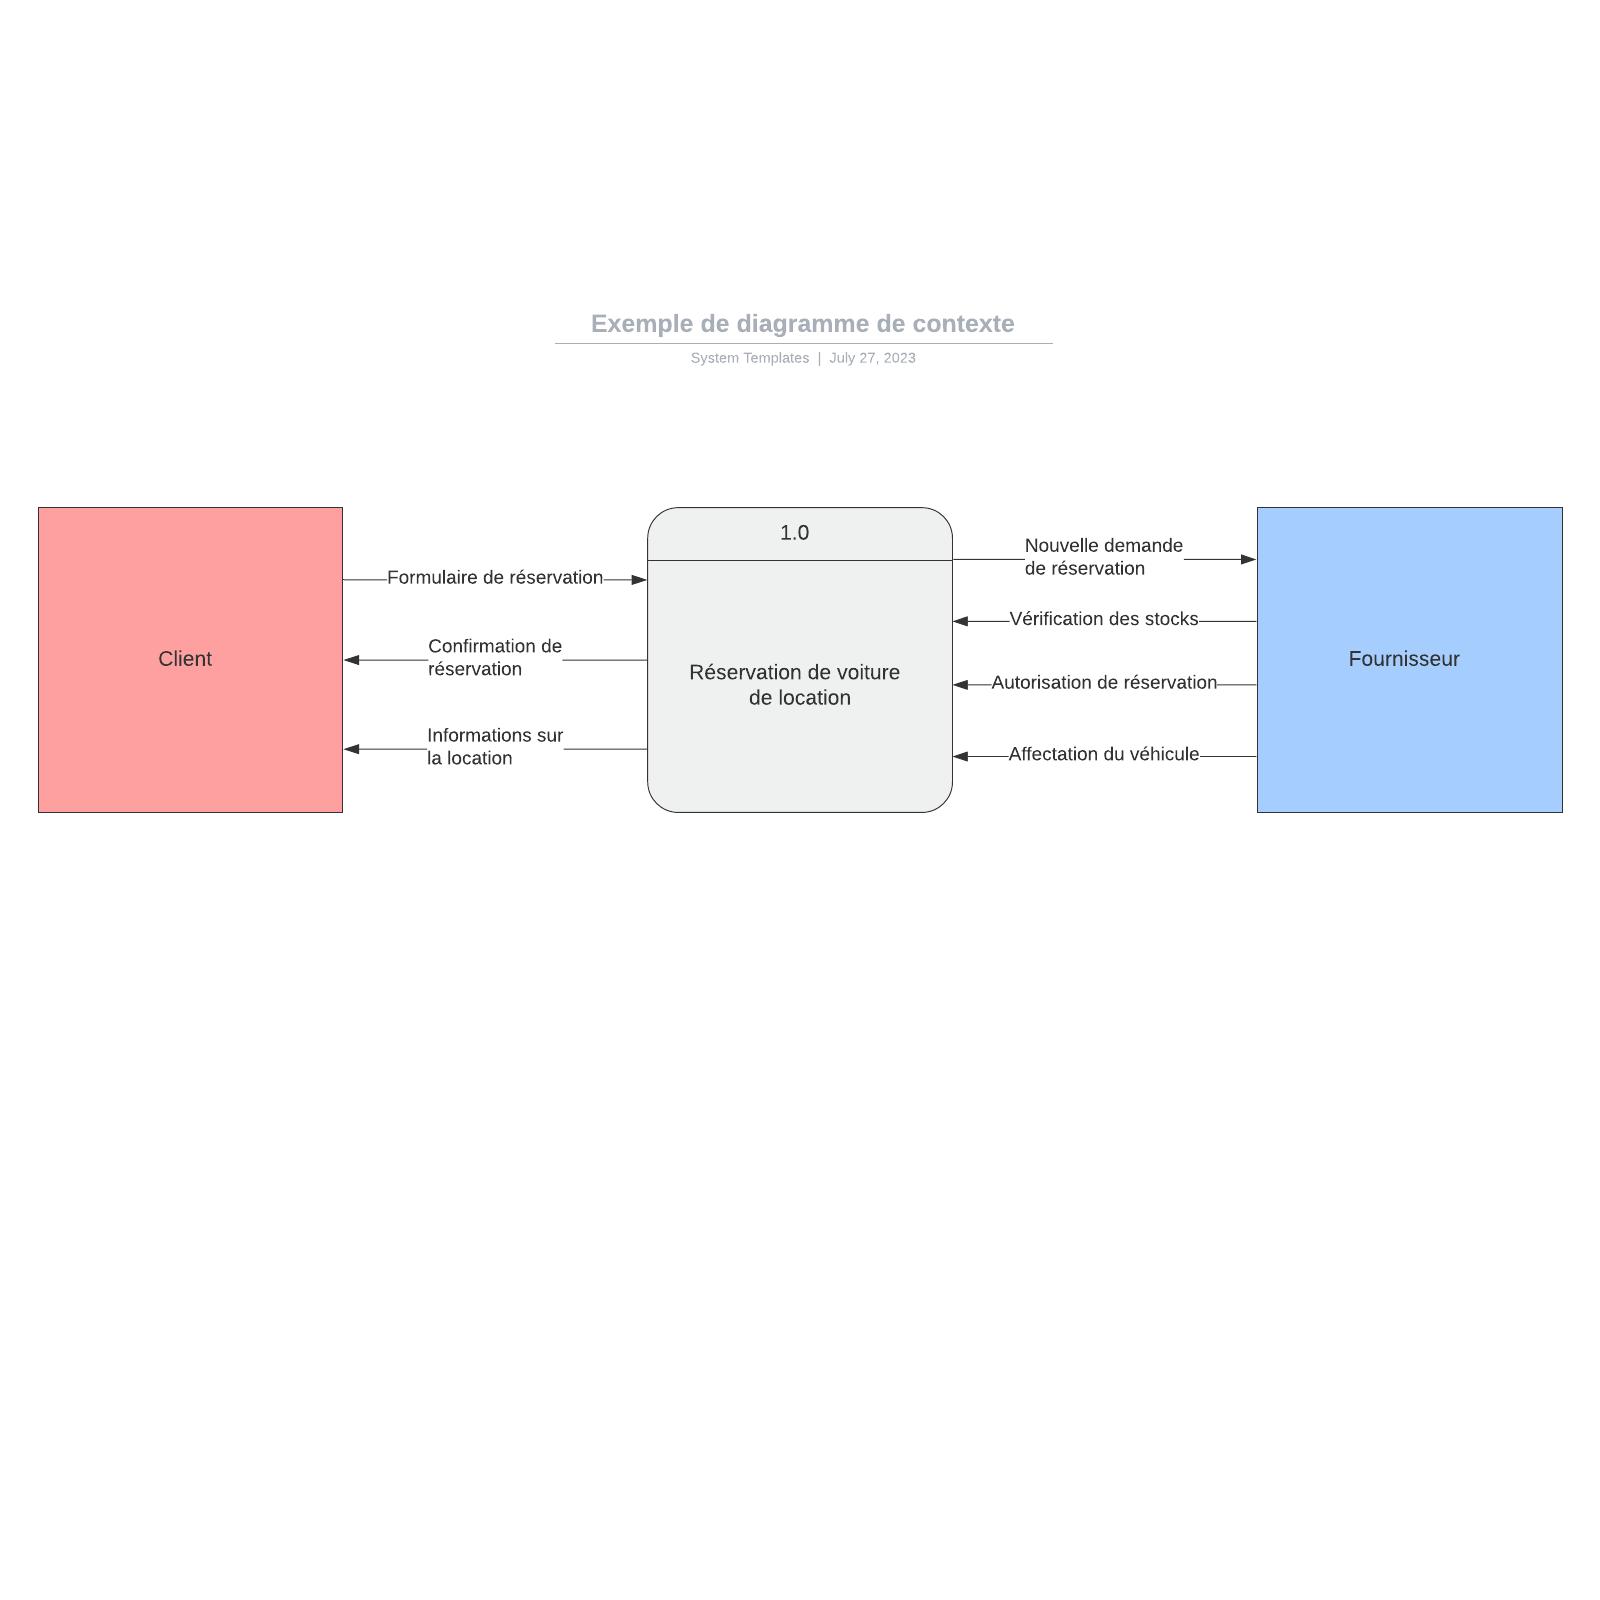 exemple de diagramme de contexte de réservation